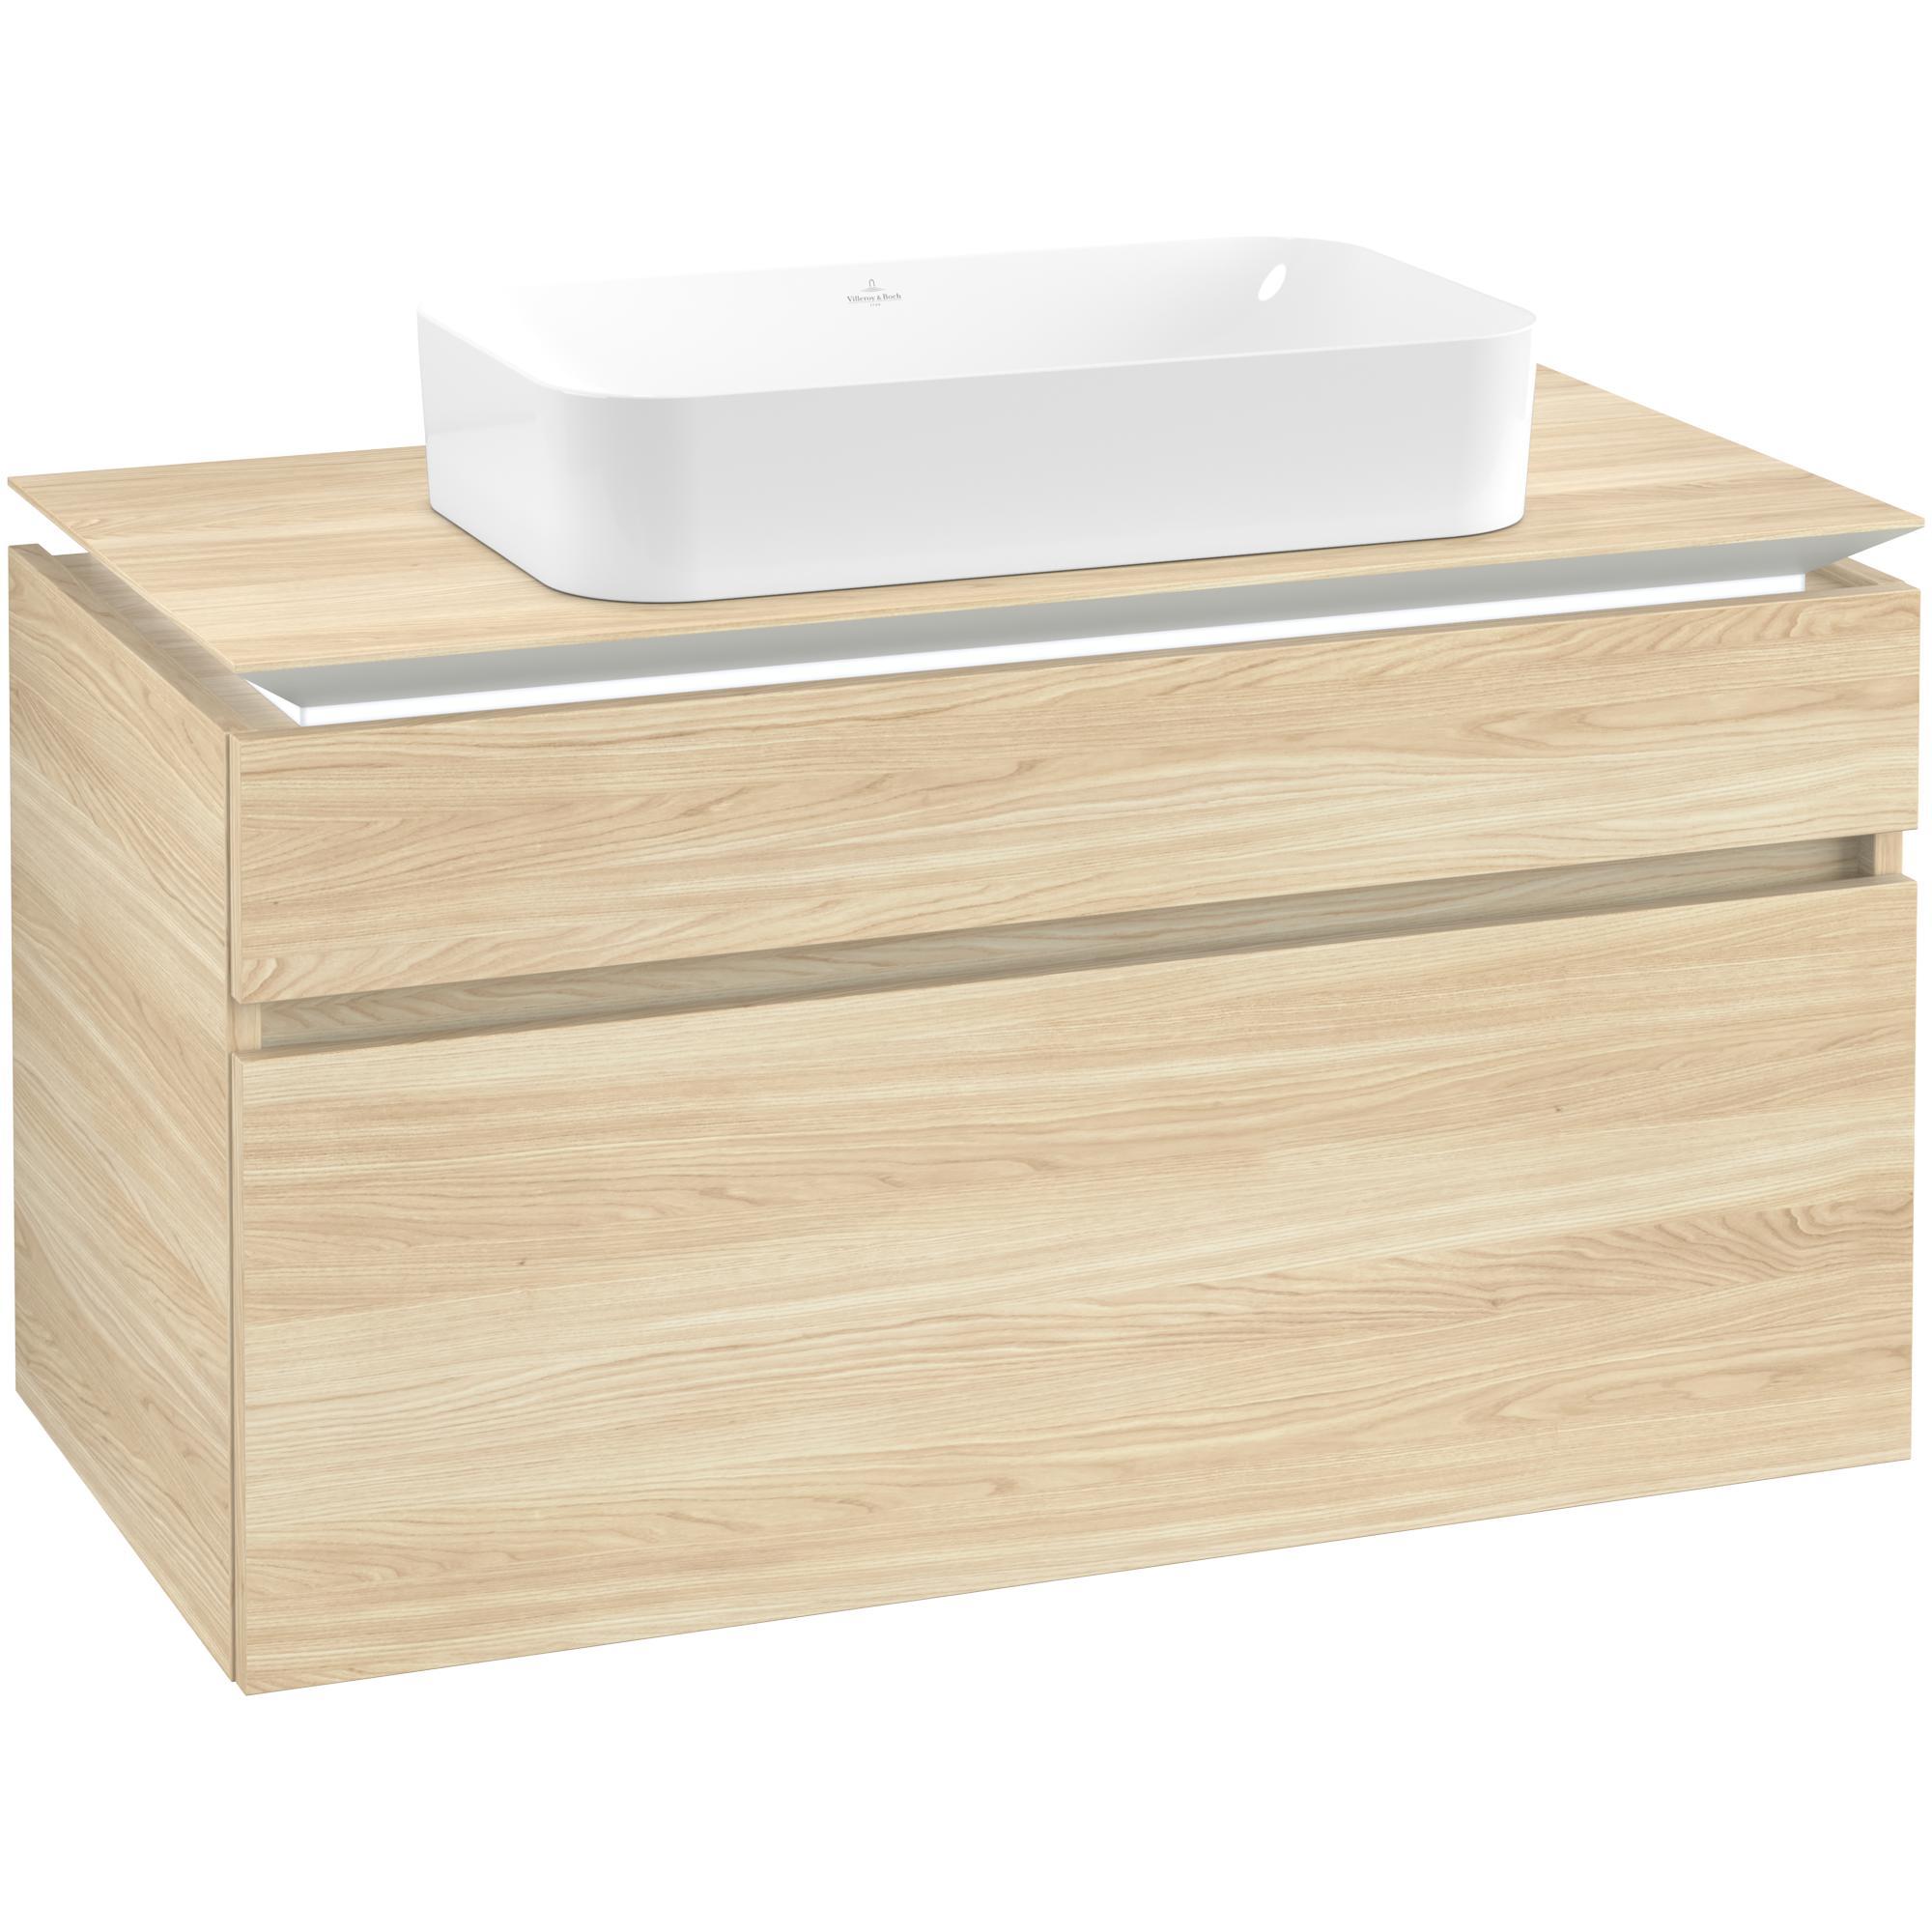 Tvättställsskåp Villeroy & Boch Legato med 2 Lådor för Ytmonterat Tvättställ från Finion